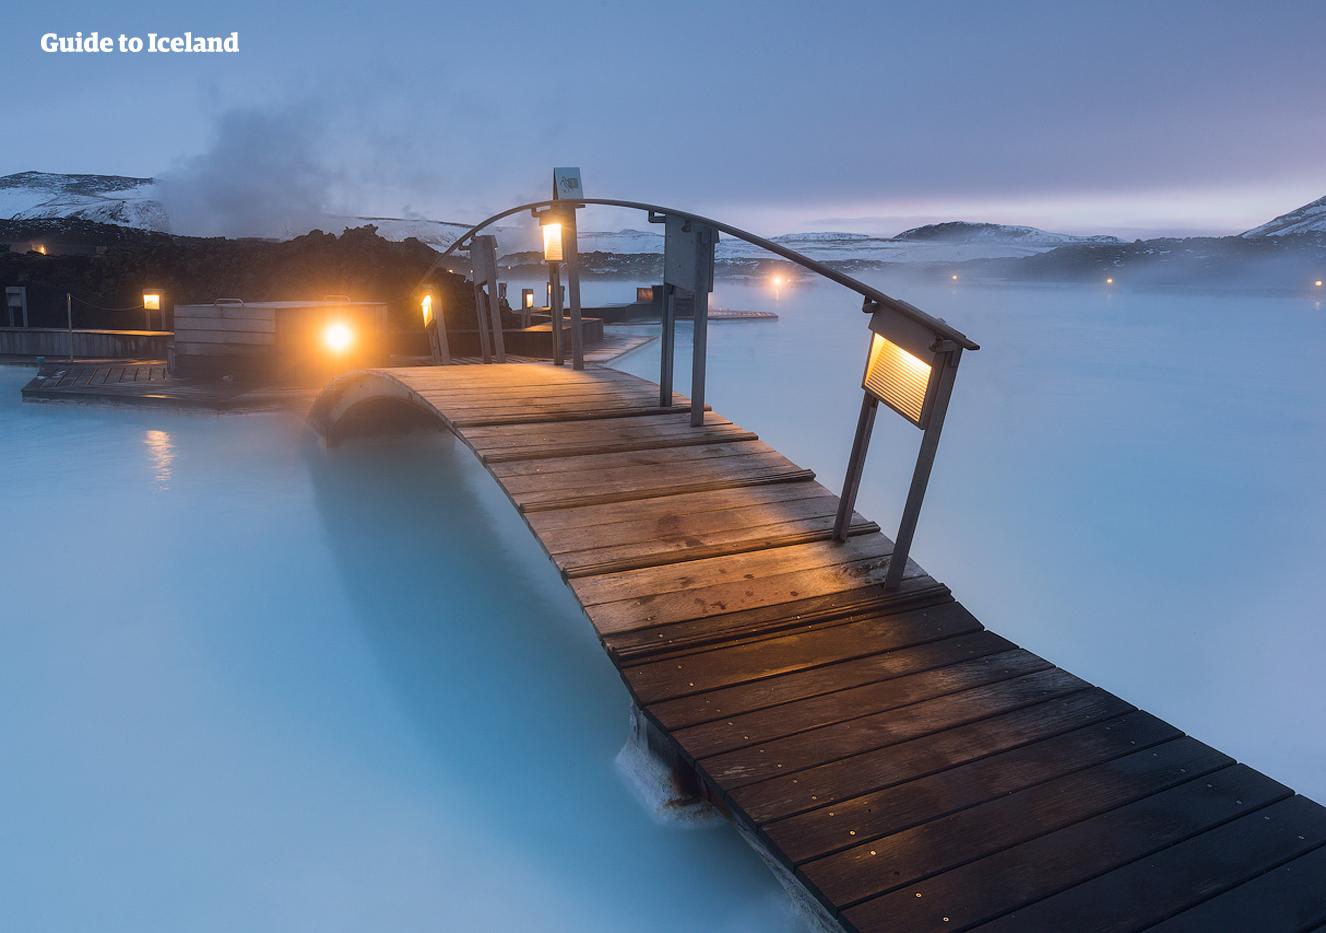 Das warme Wasser der Blauen Lagune ist für seine heilsame Wirkung bekannt.